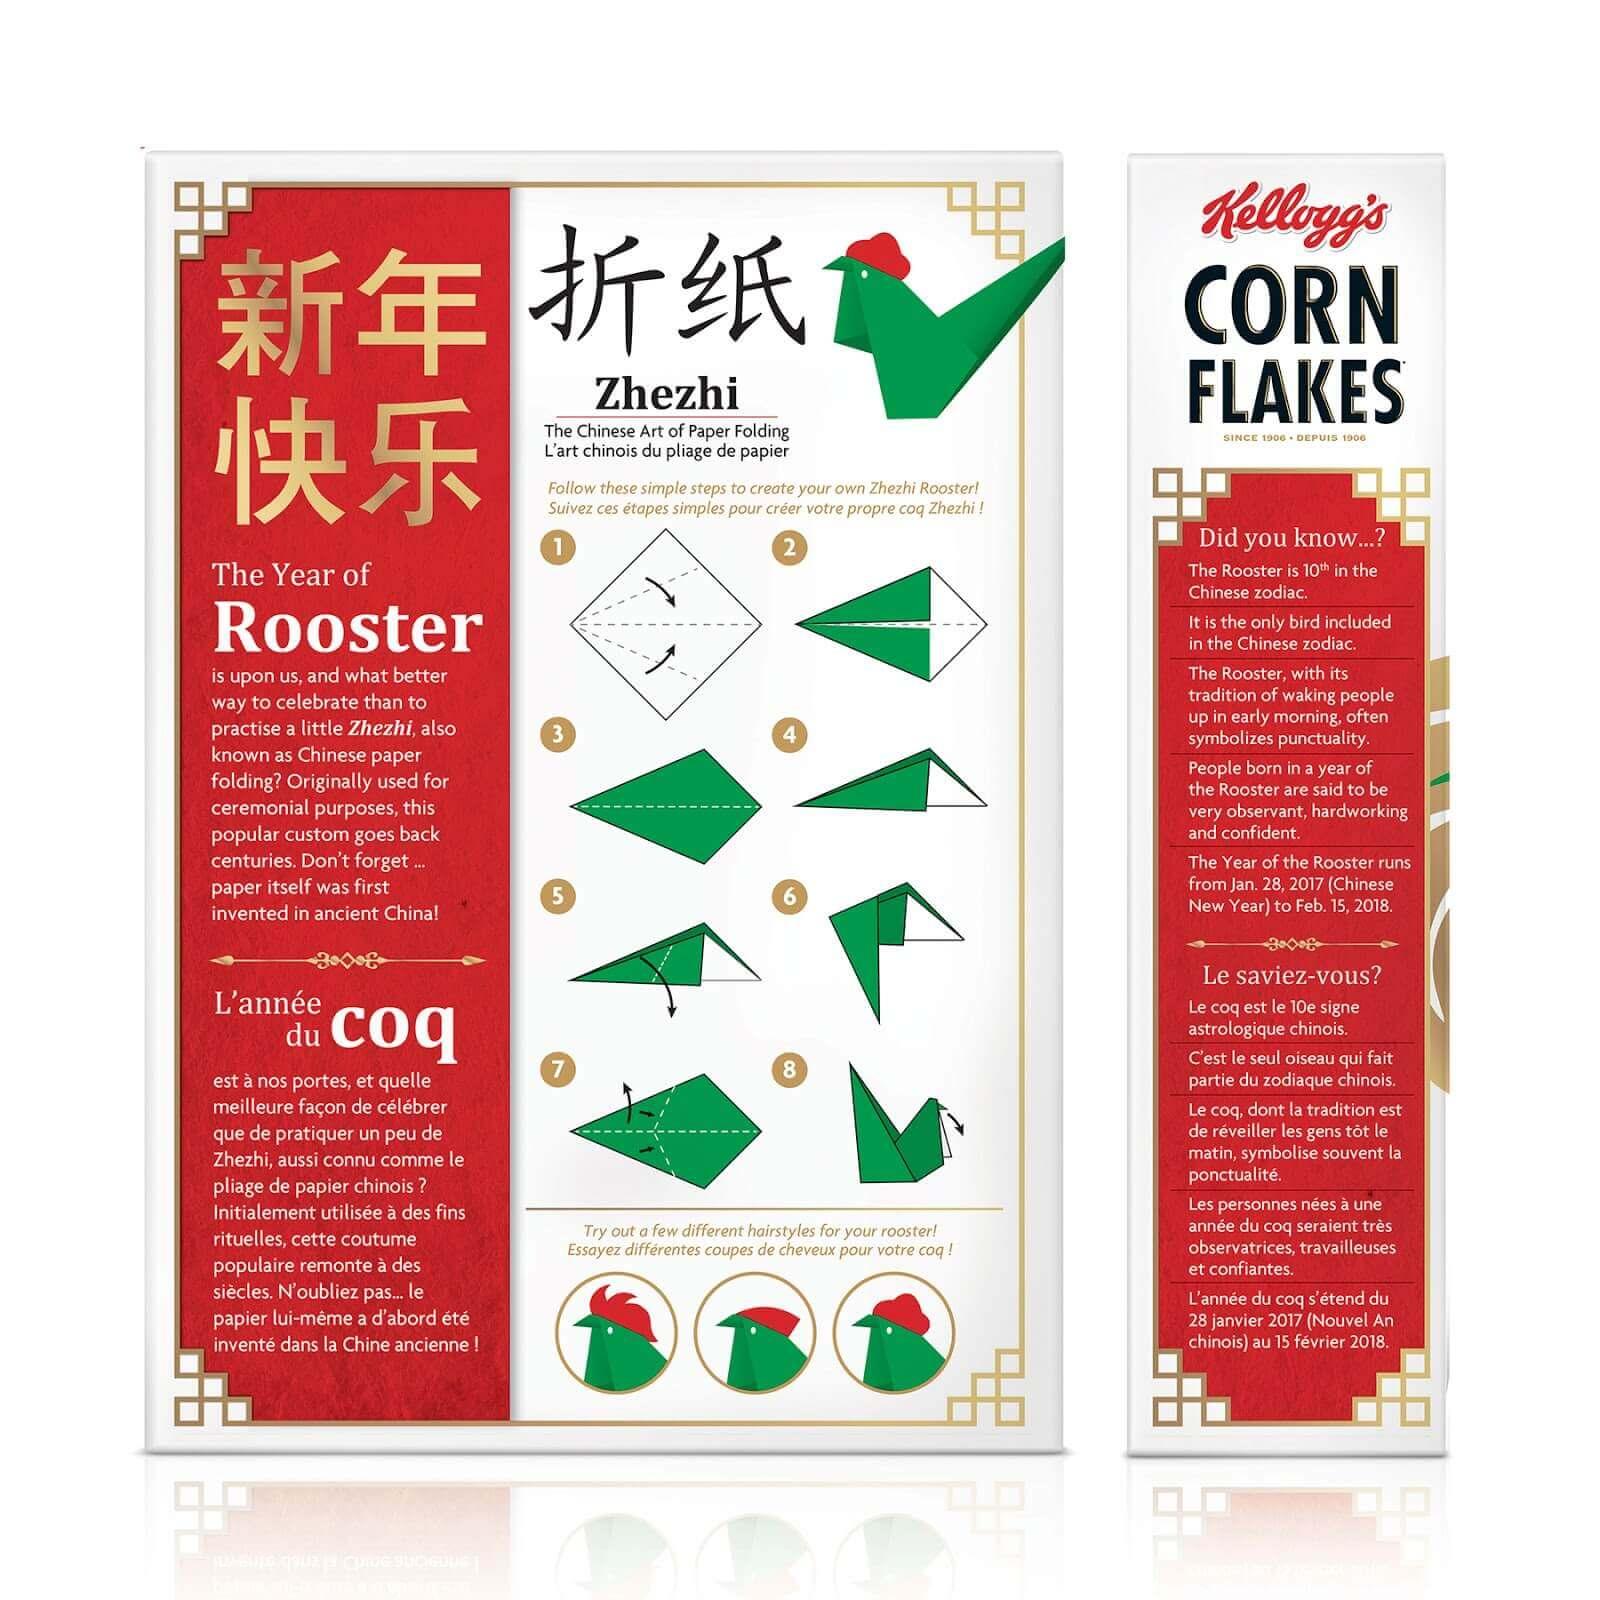 Empaque Corn Flakes de Kellogg's edición especial